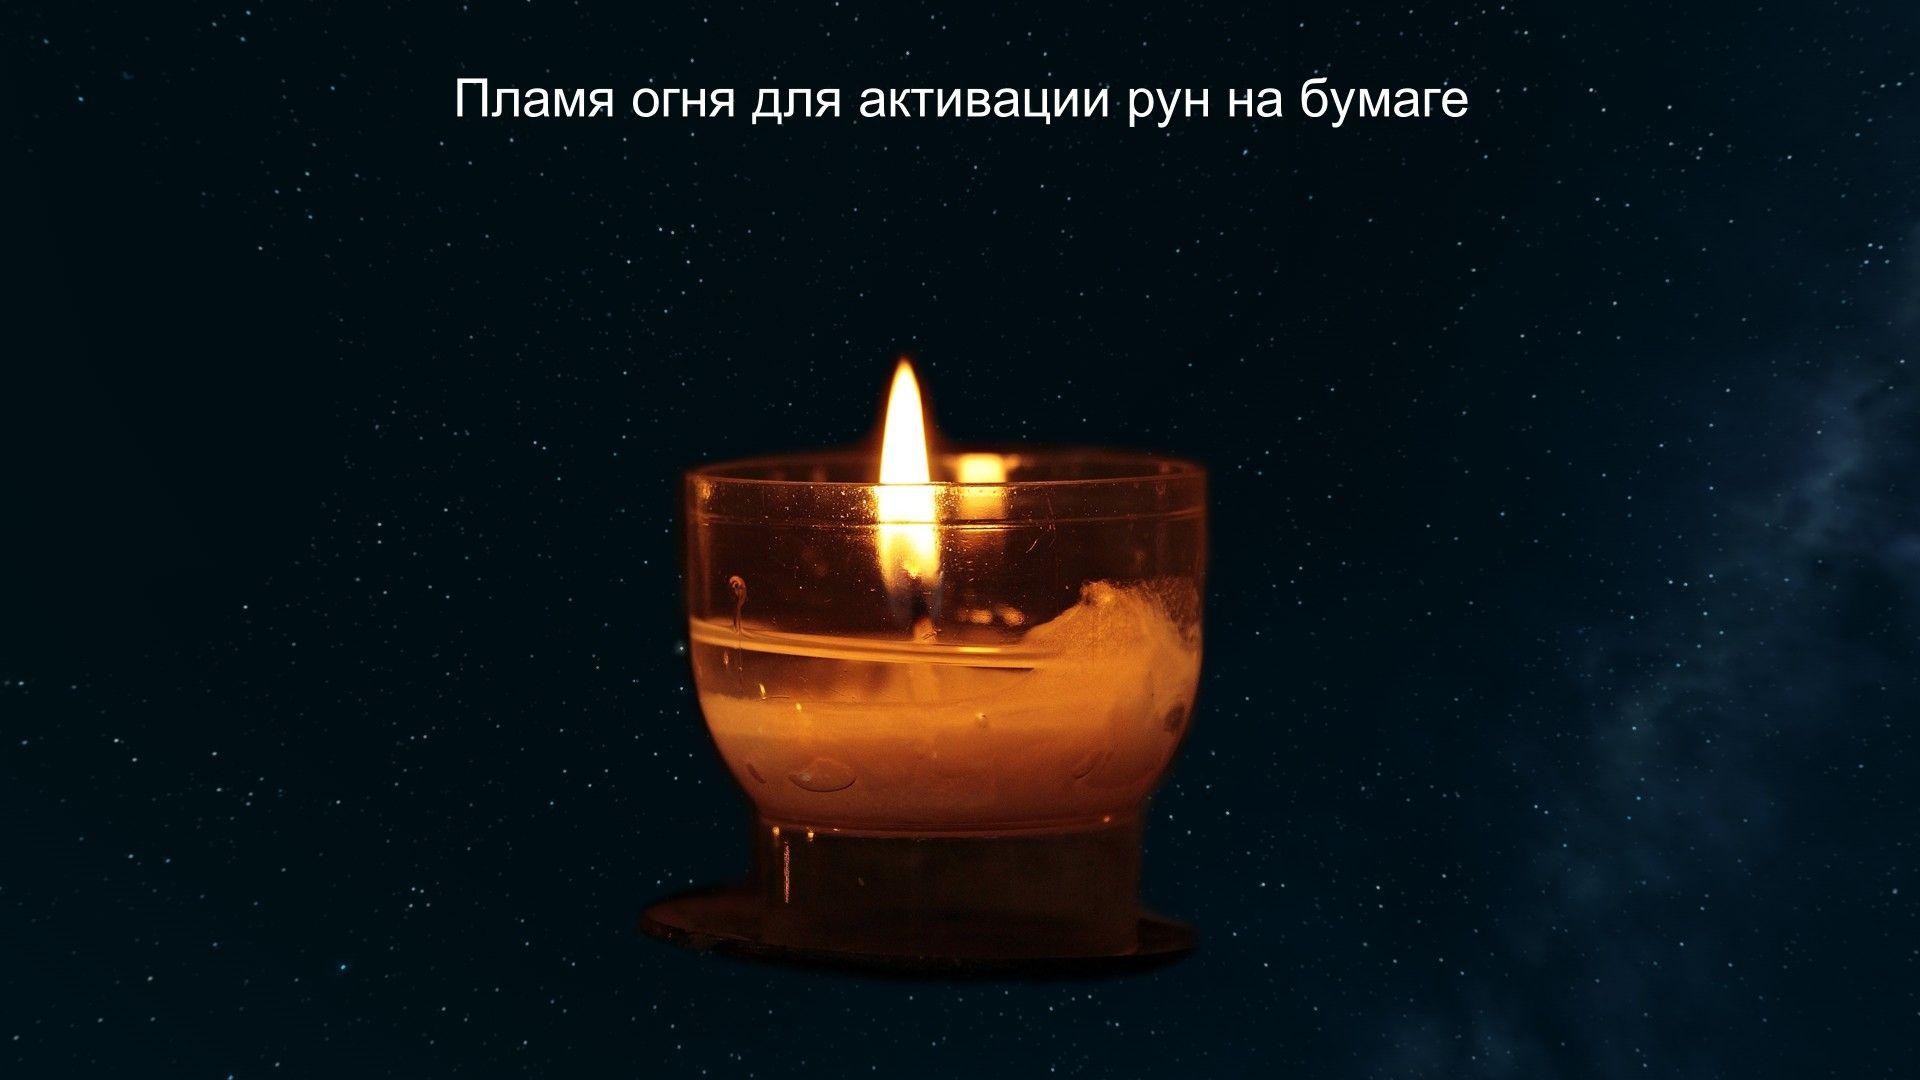 Пламя огня для активации рун на бумаге